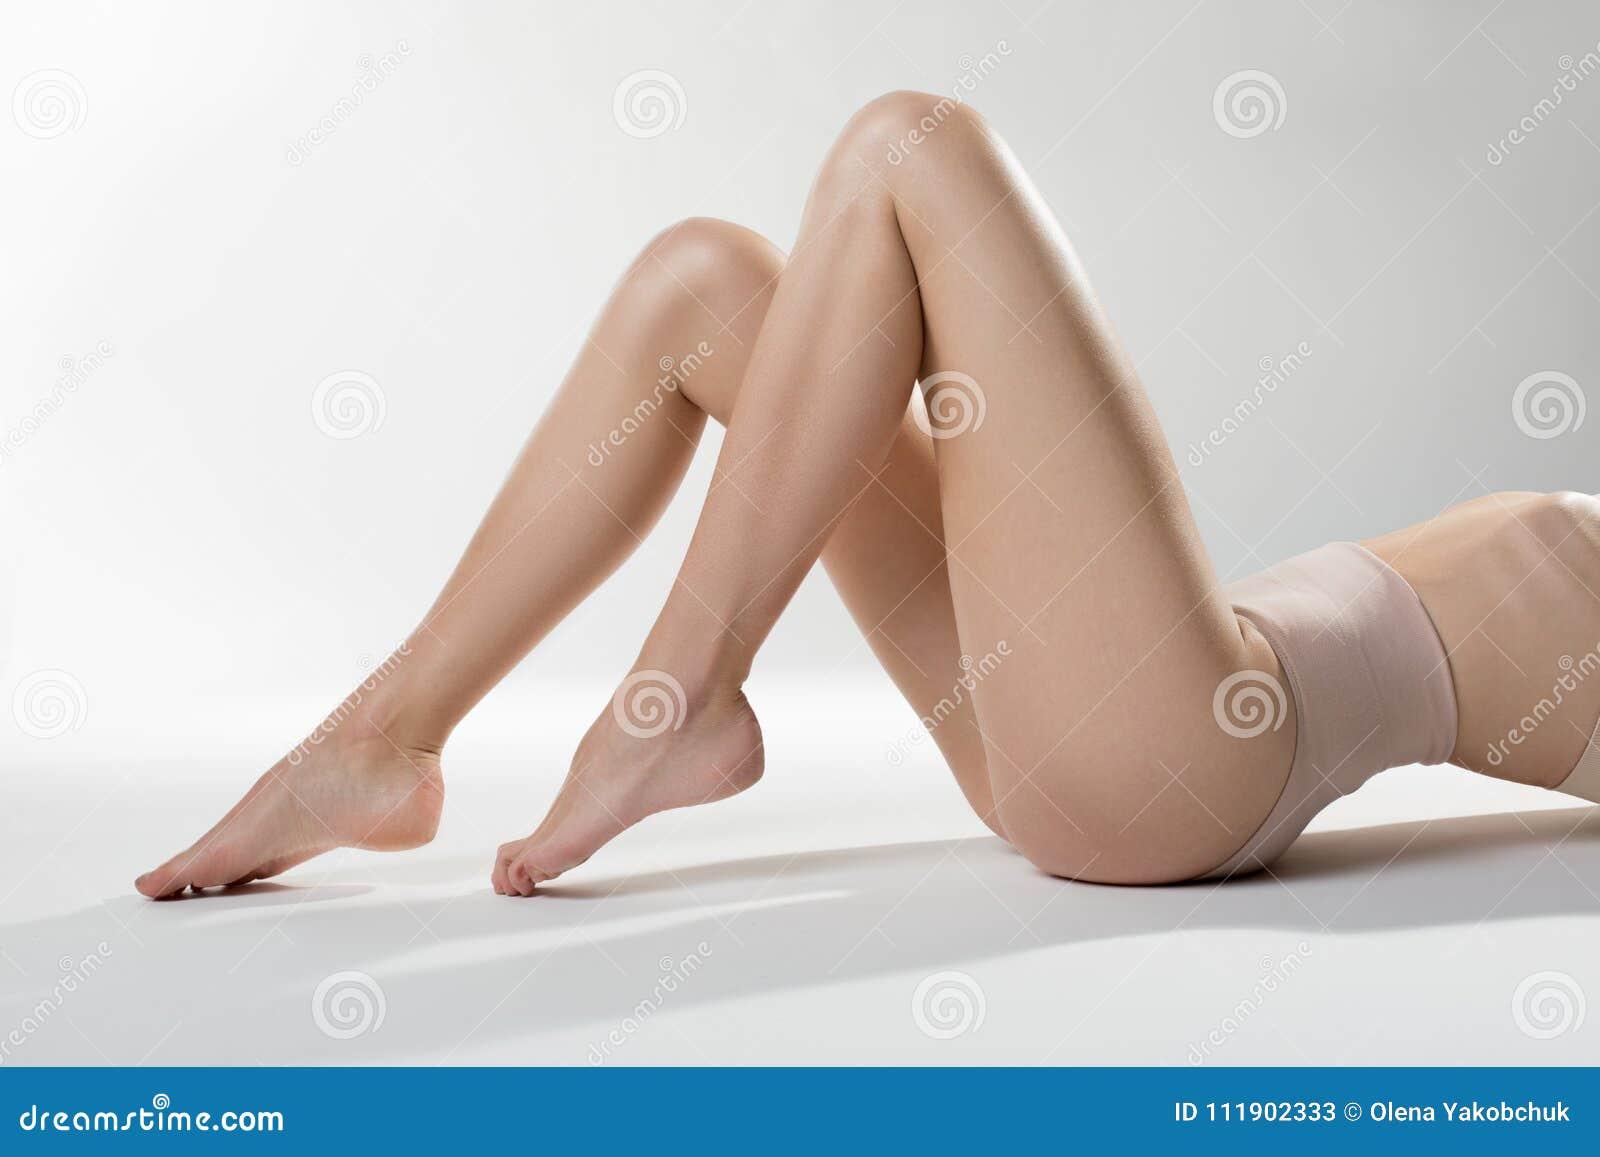 mujeres piernudas y nalgonas desnudas